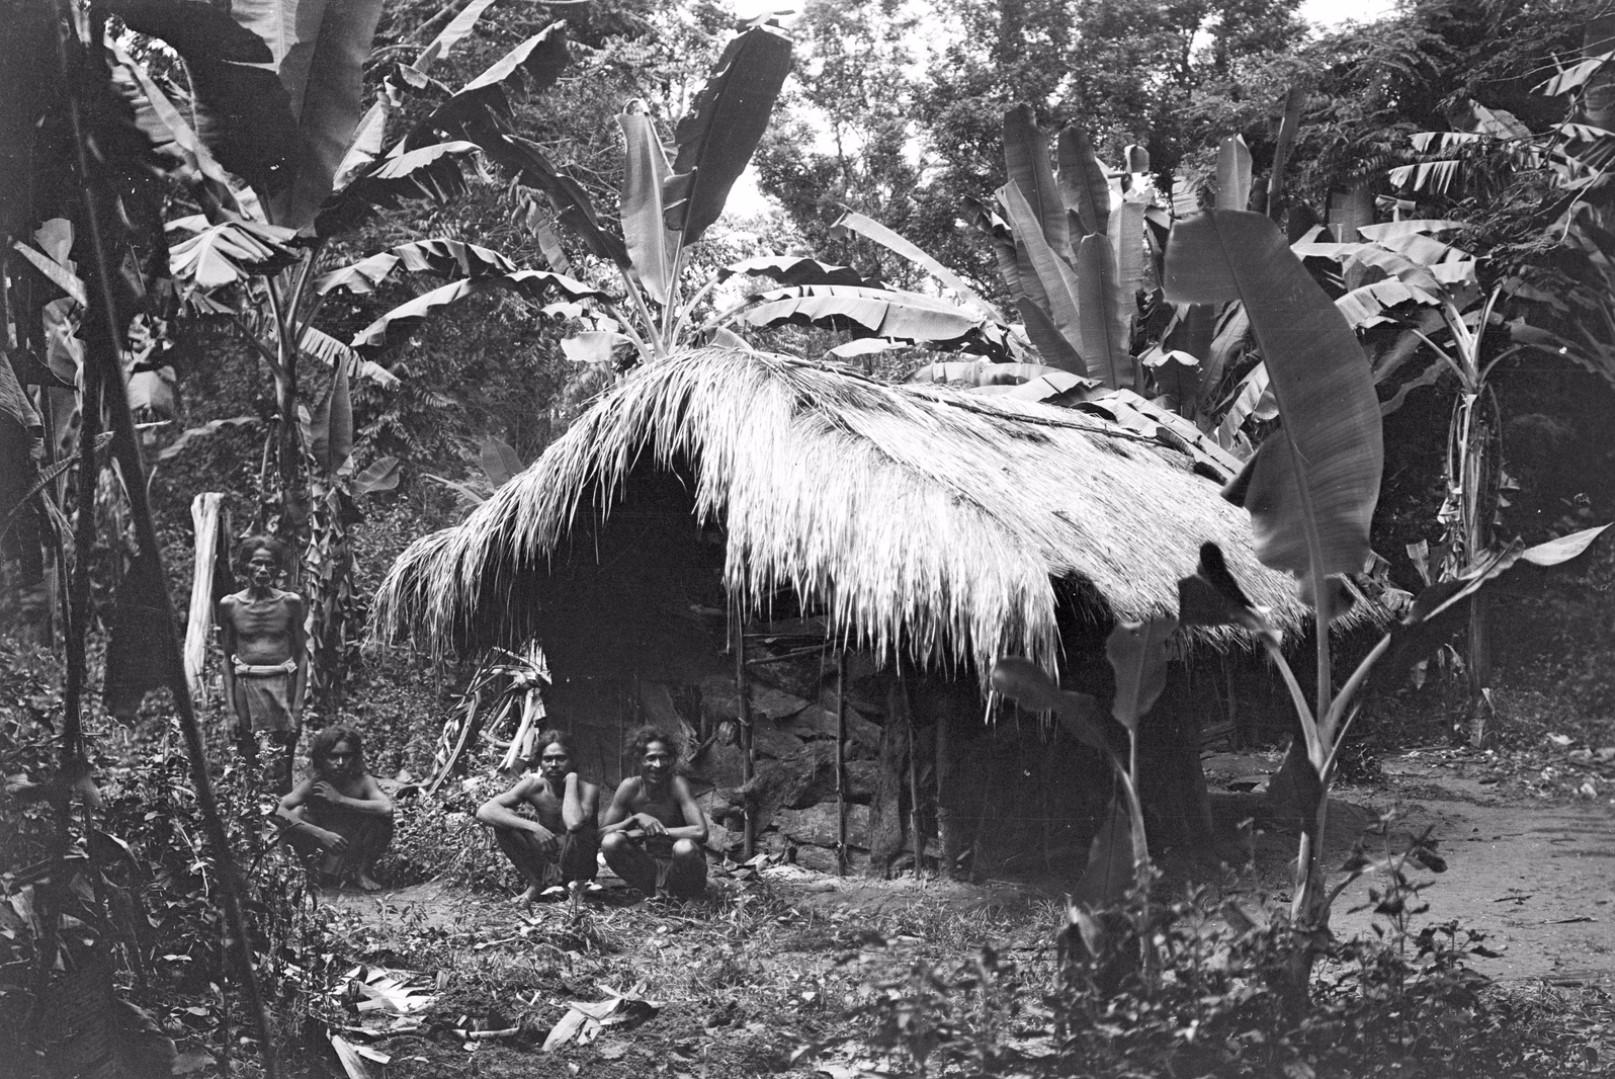 163. Дом старого главы деревни Тута, Эгон фон Эйкштедт с супругой жили в течение недели, пока находились в долине Дани-Гала